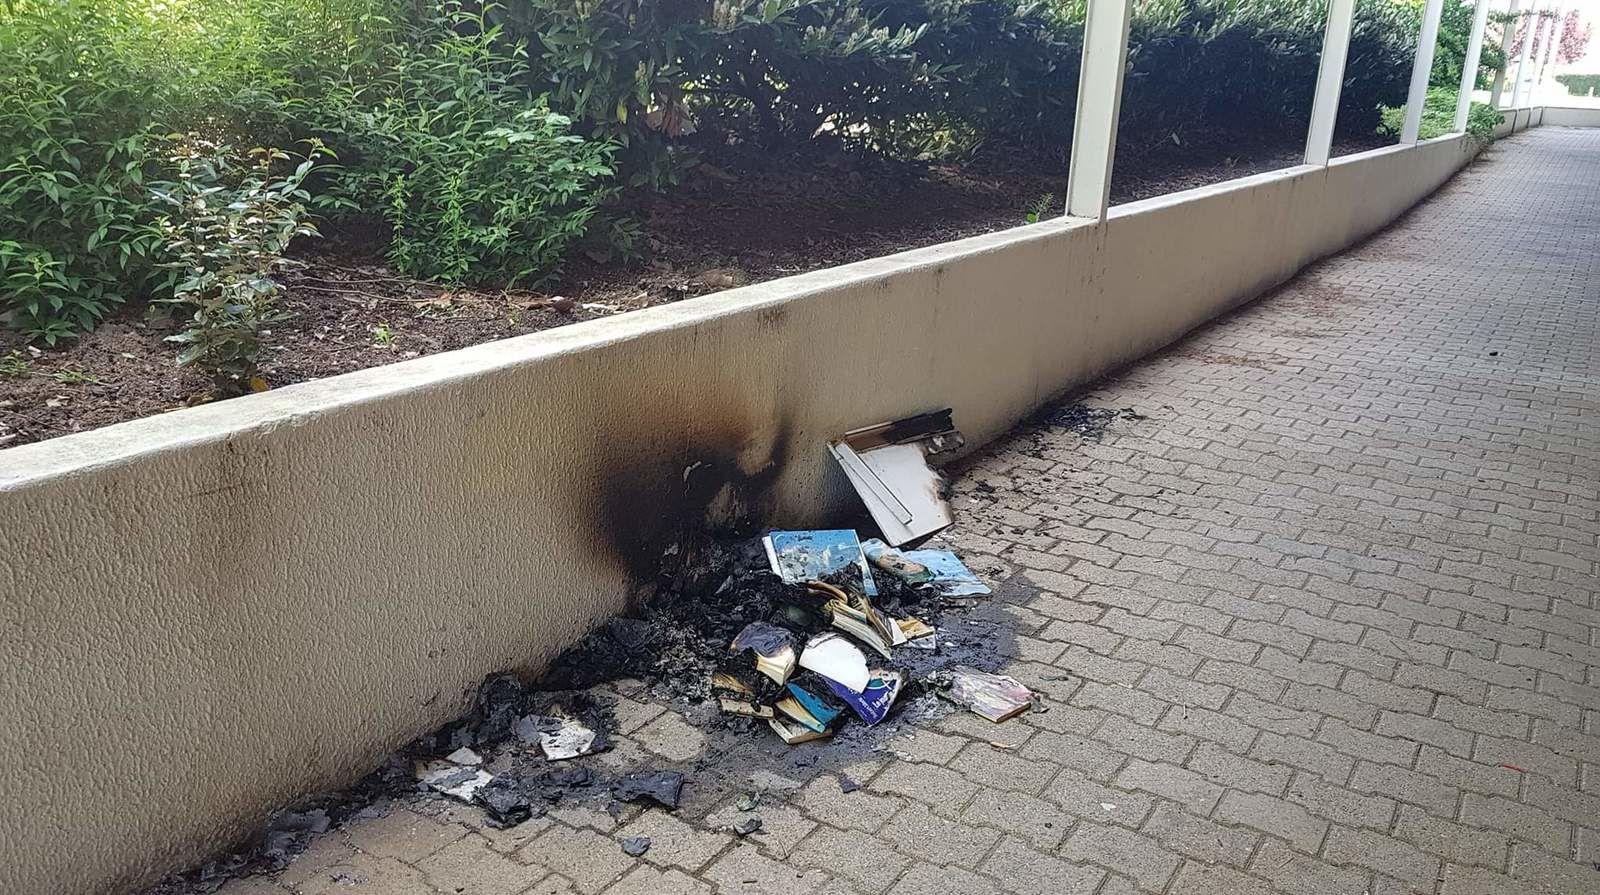 La boîte à livres incendiée à Chaillot sera remplacée bientôt